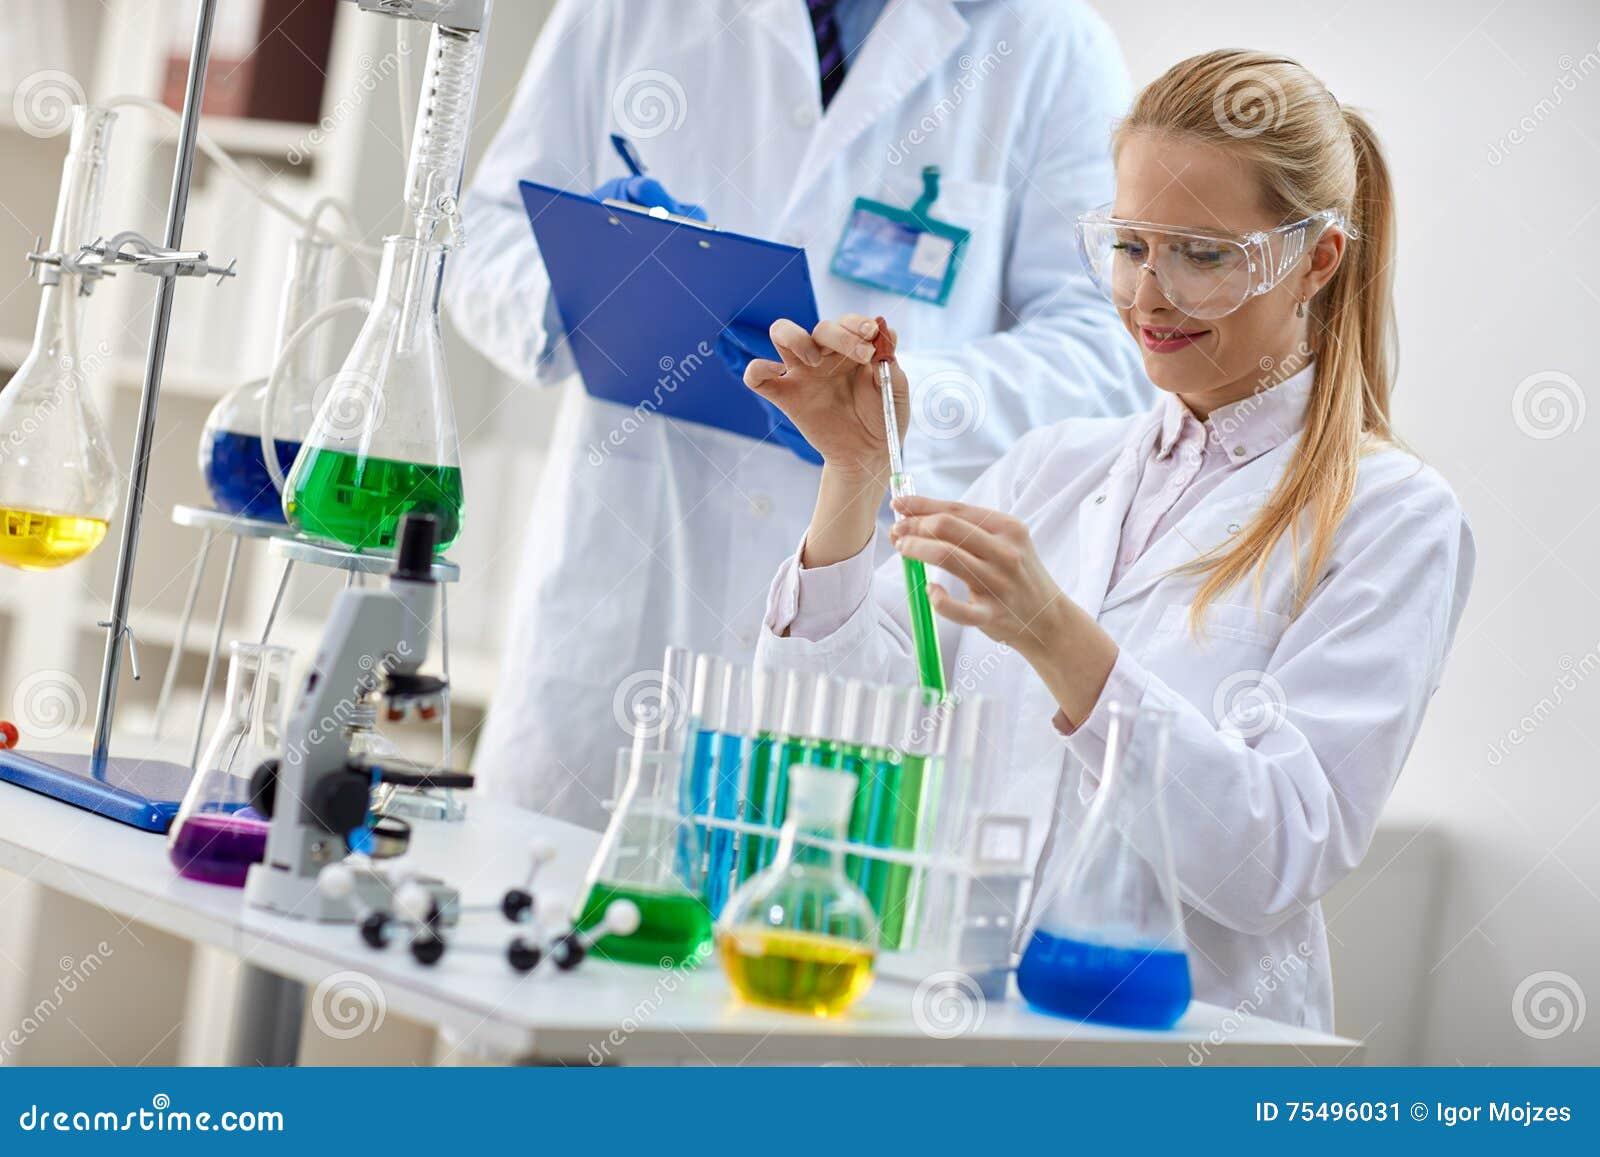 Científico de sexo femenino sonriente que usa el líquido de la química para la investigación